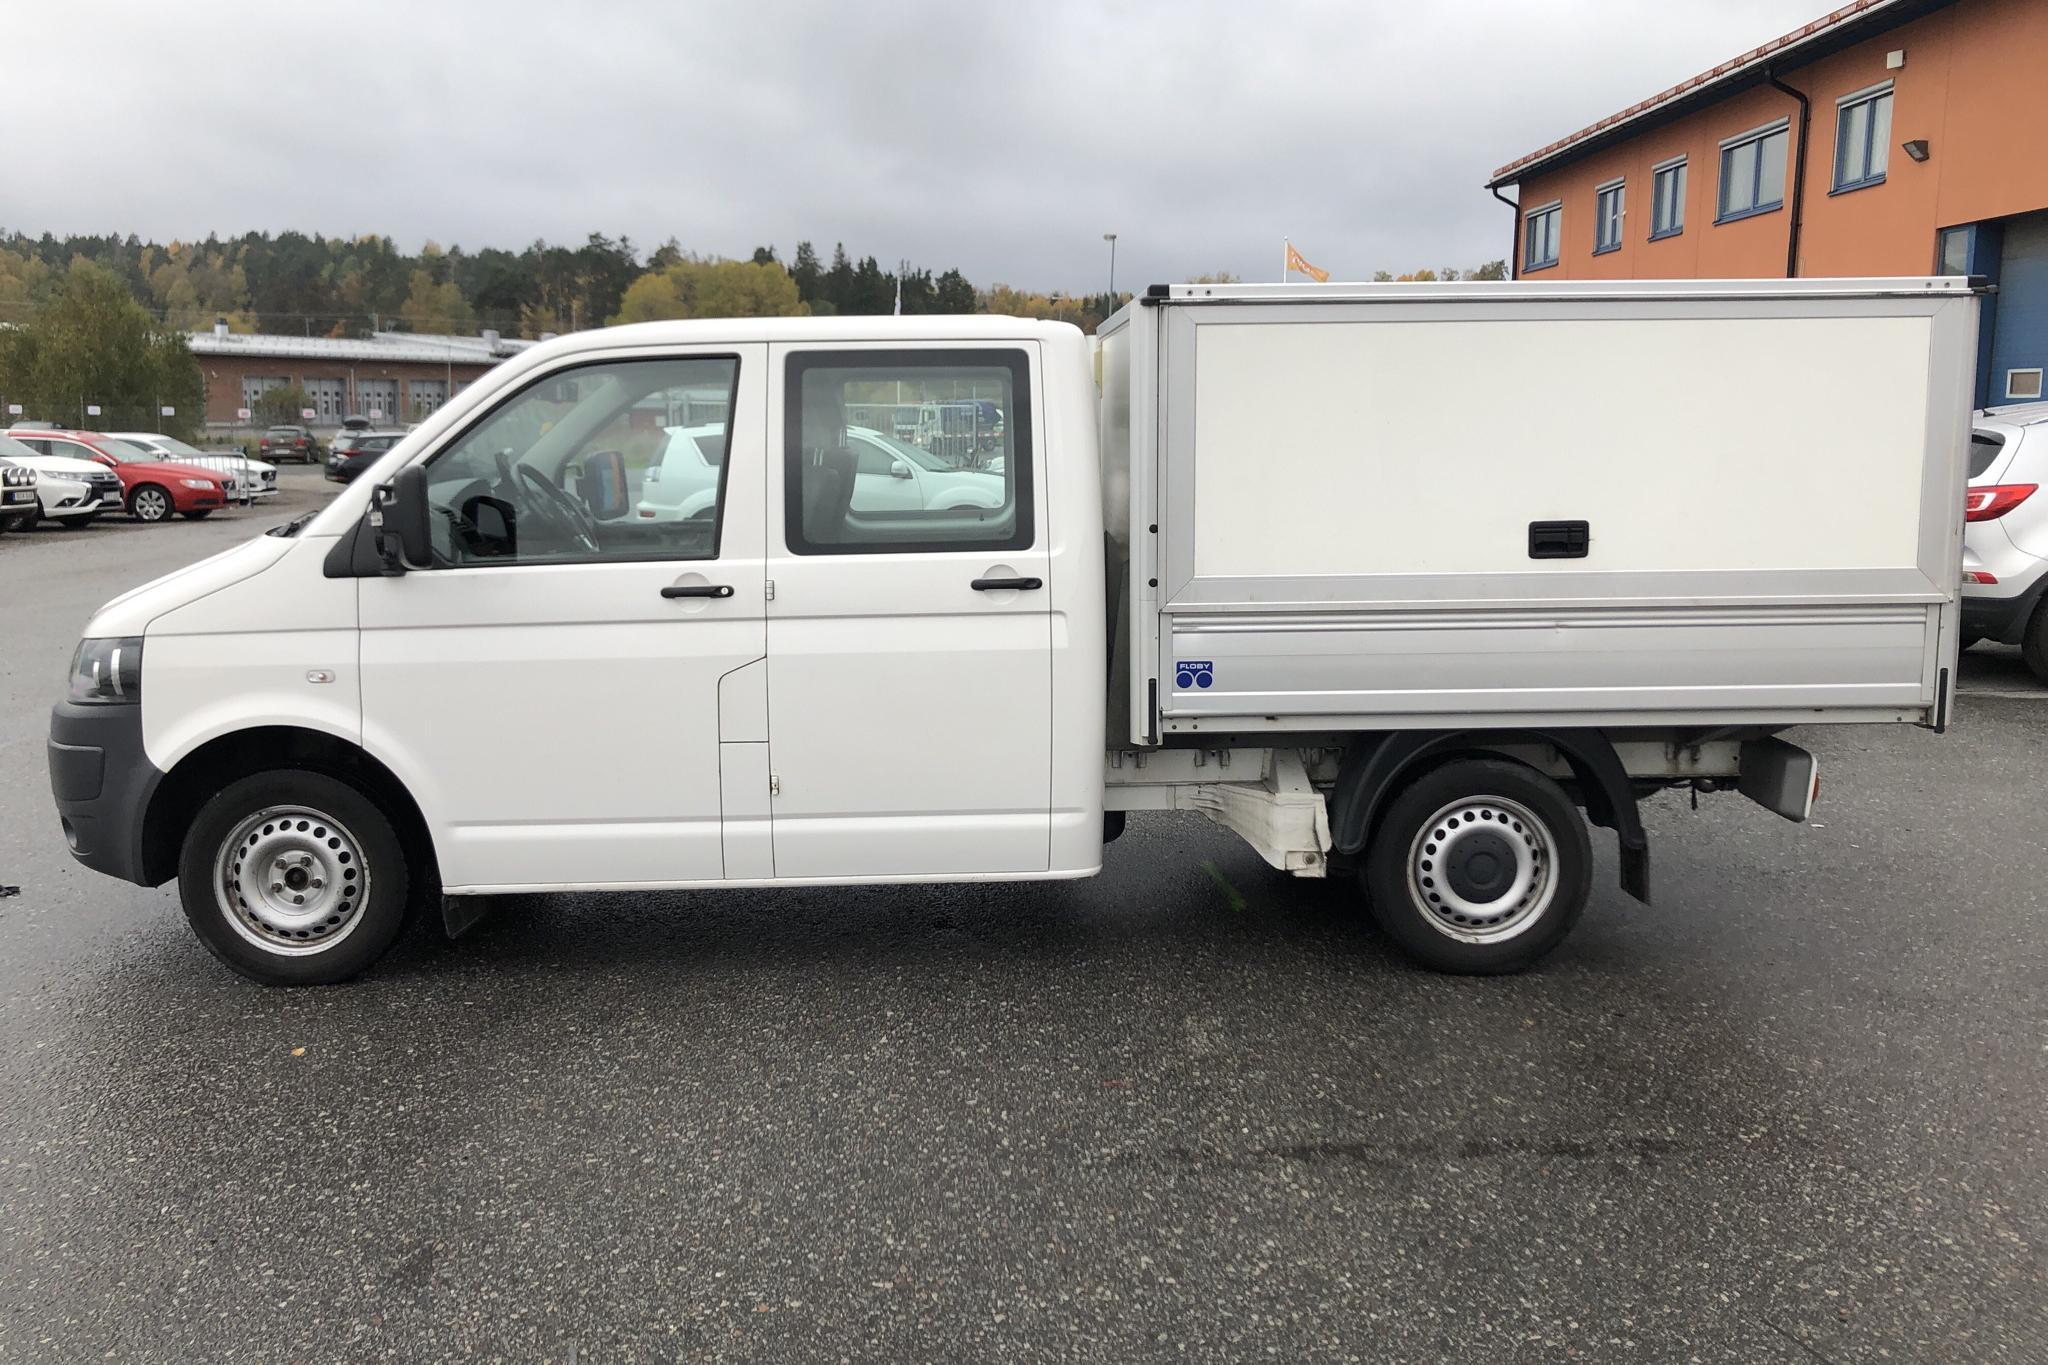 VW Transporter T5 2.0 TDI Pickup (102hk) - 15 252 mil - Manuell - vit - 2013